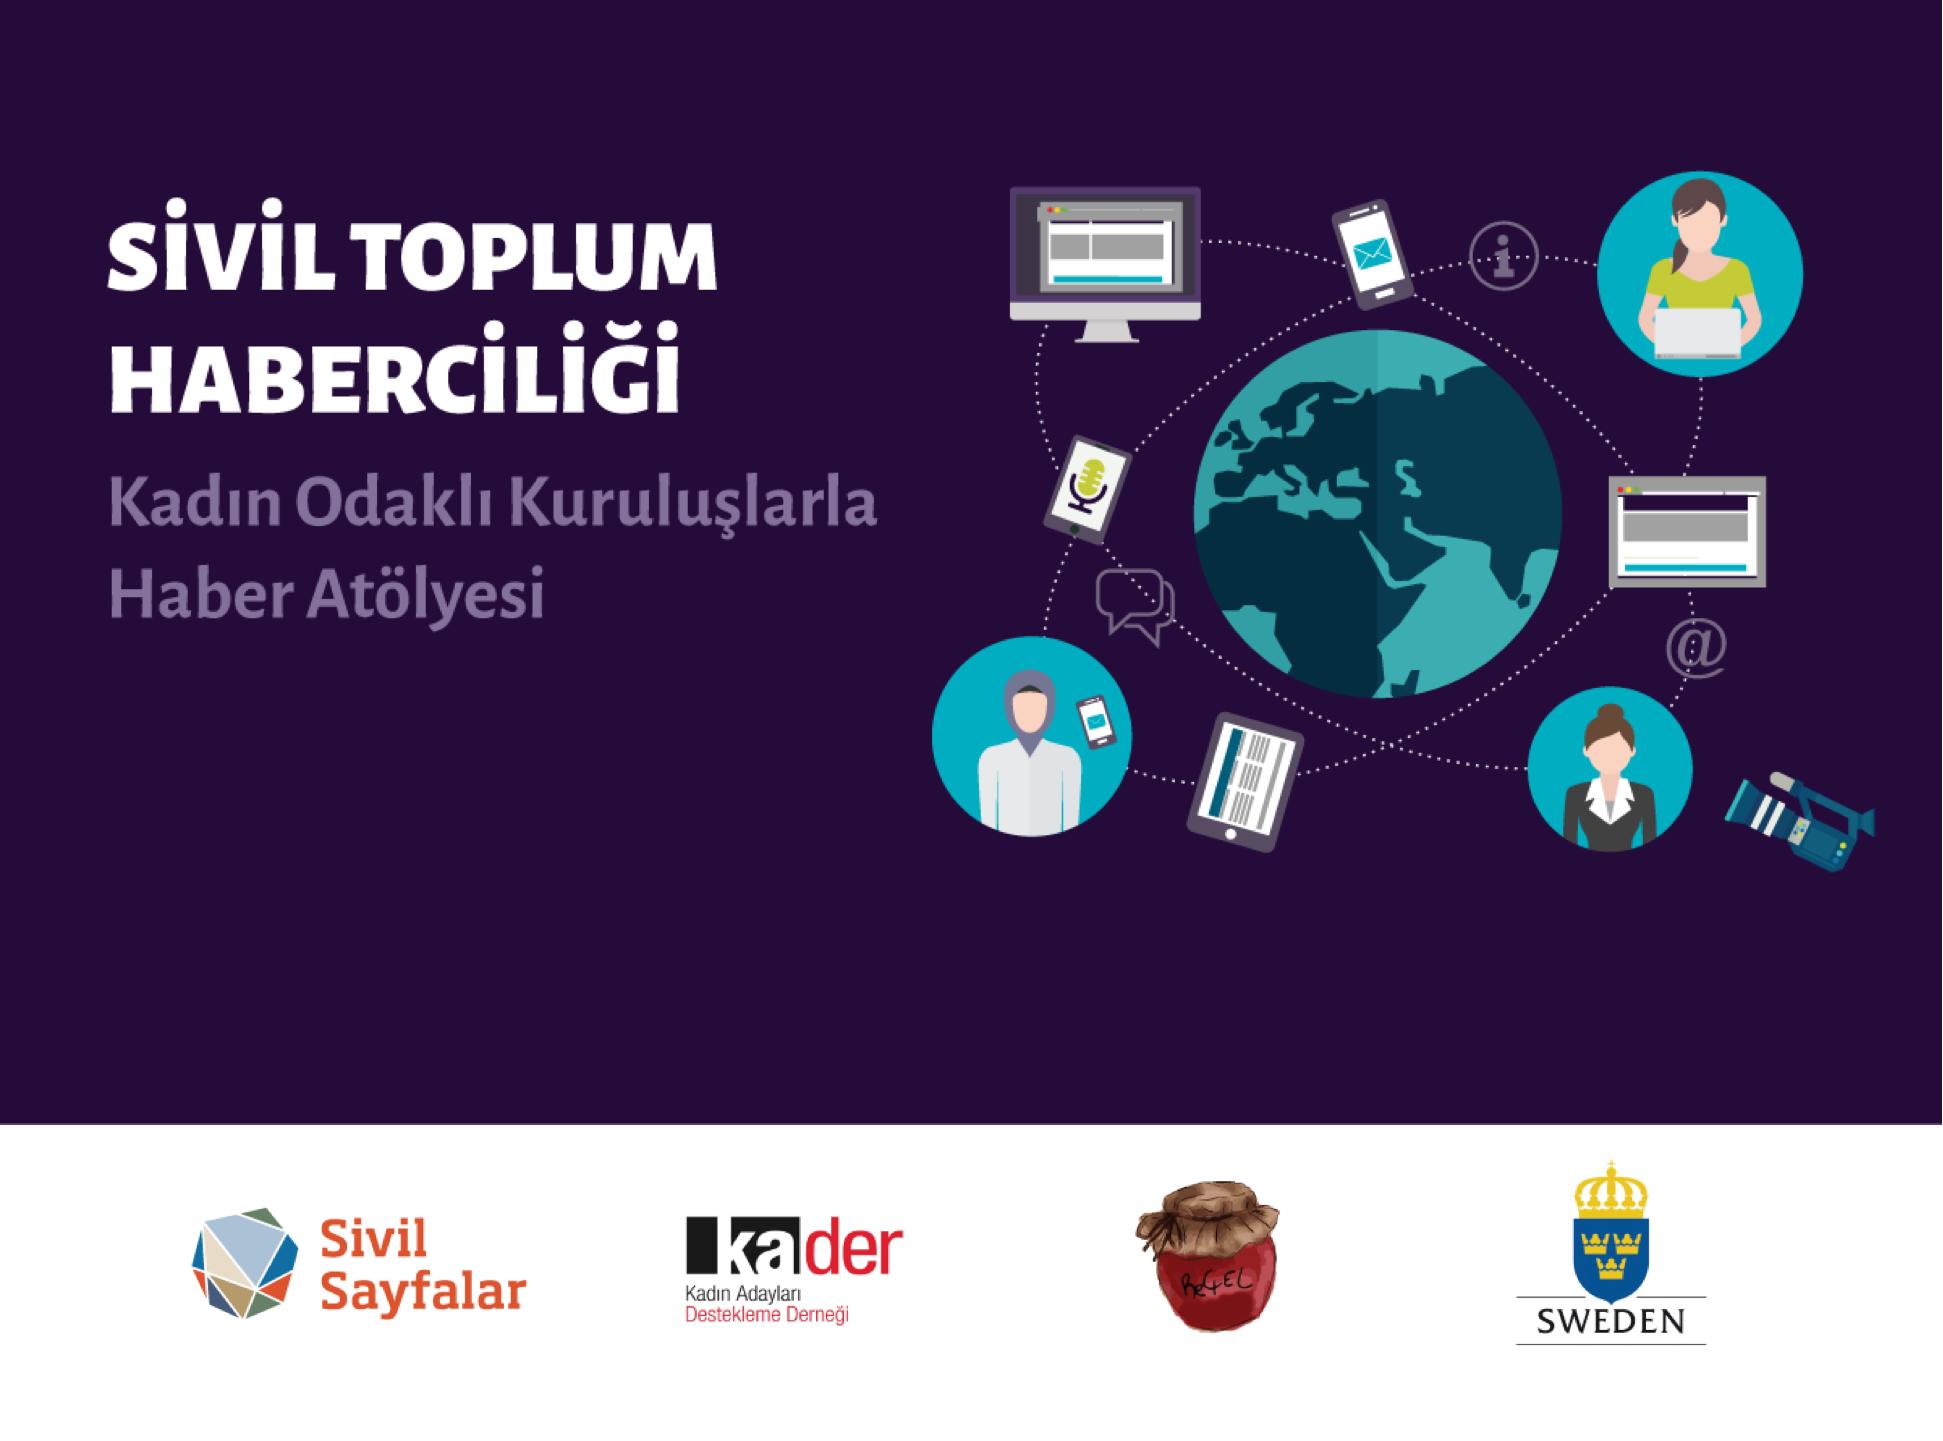 Diyarbakır'da Sivil Toplum Haberciliğini Konuştuk